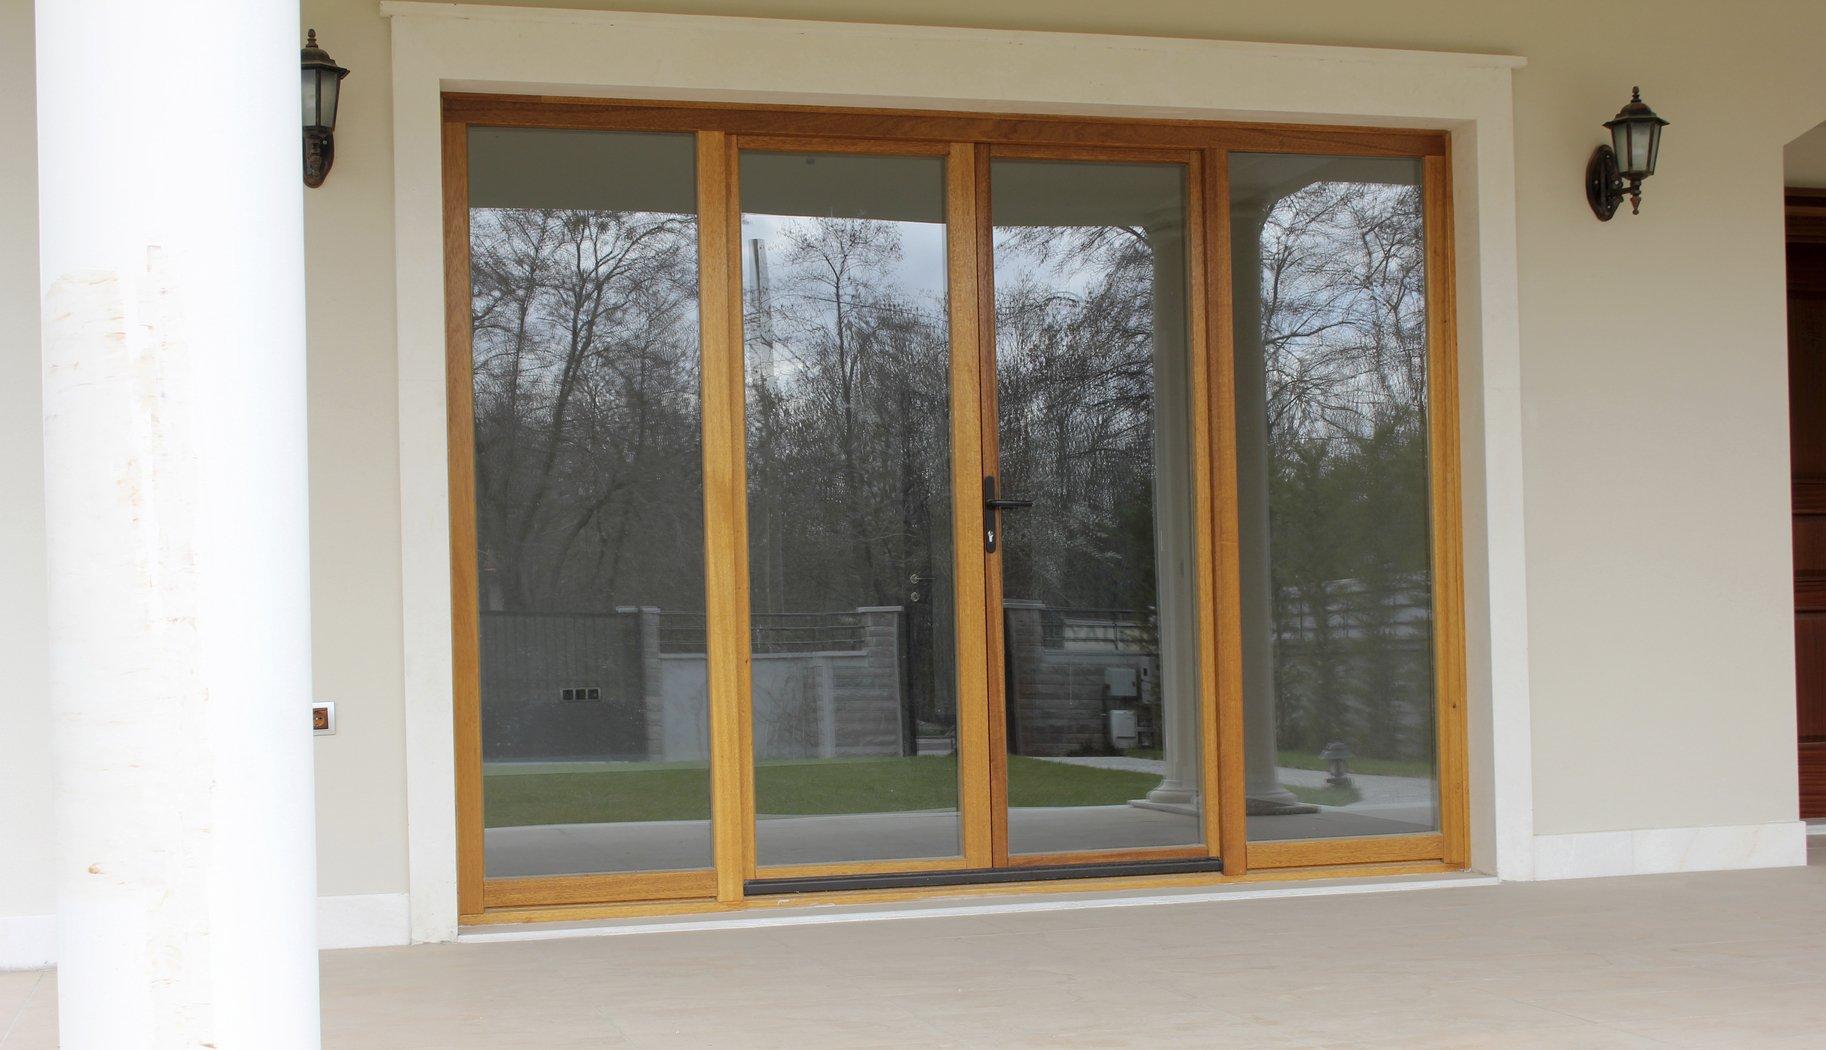 Shower Glass Doors For Hudson Kingston Ny Sicklers Glass Inc